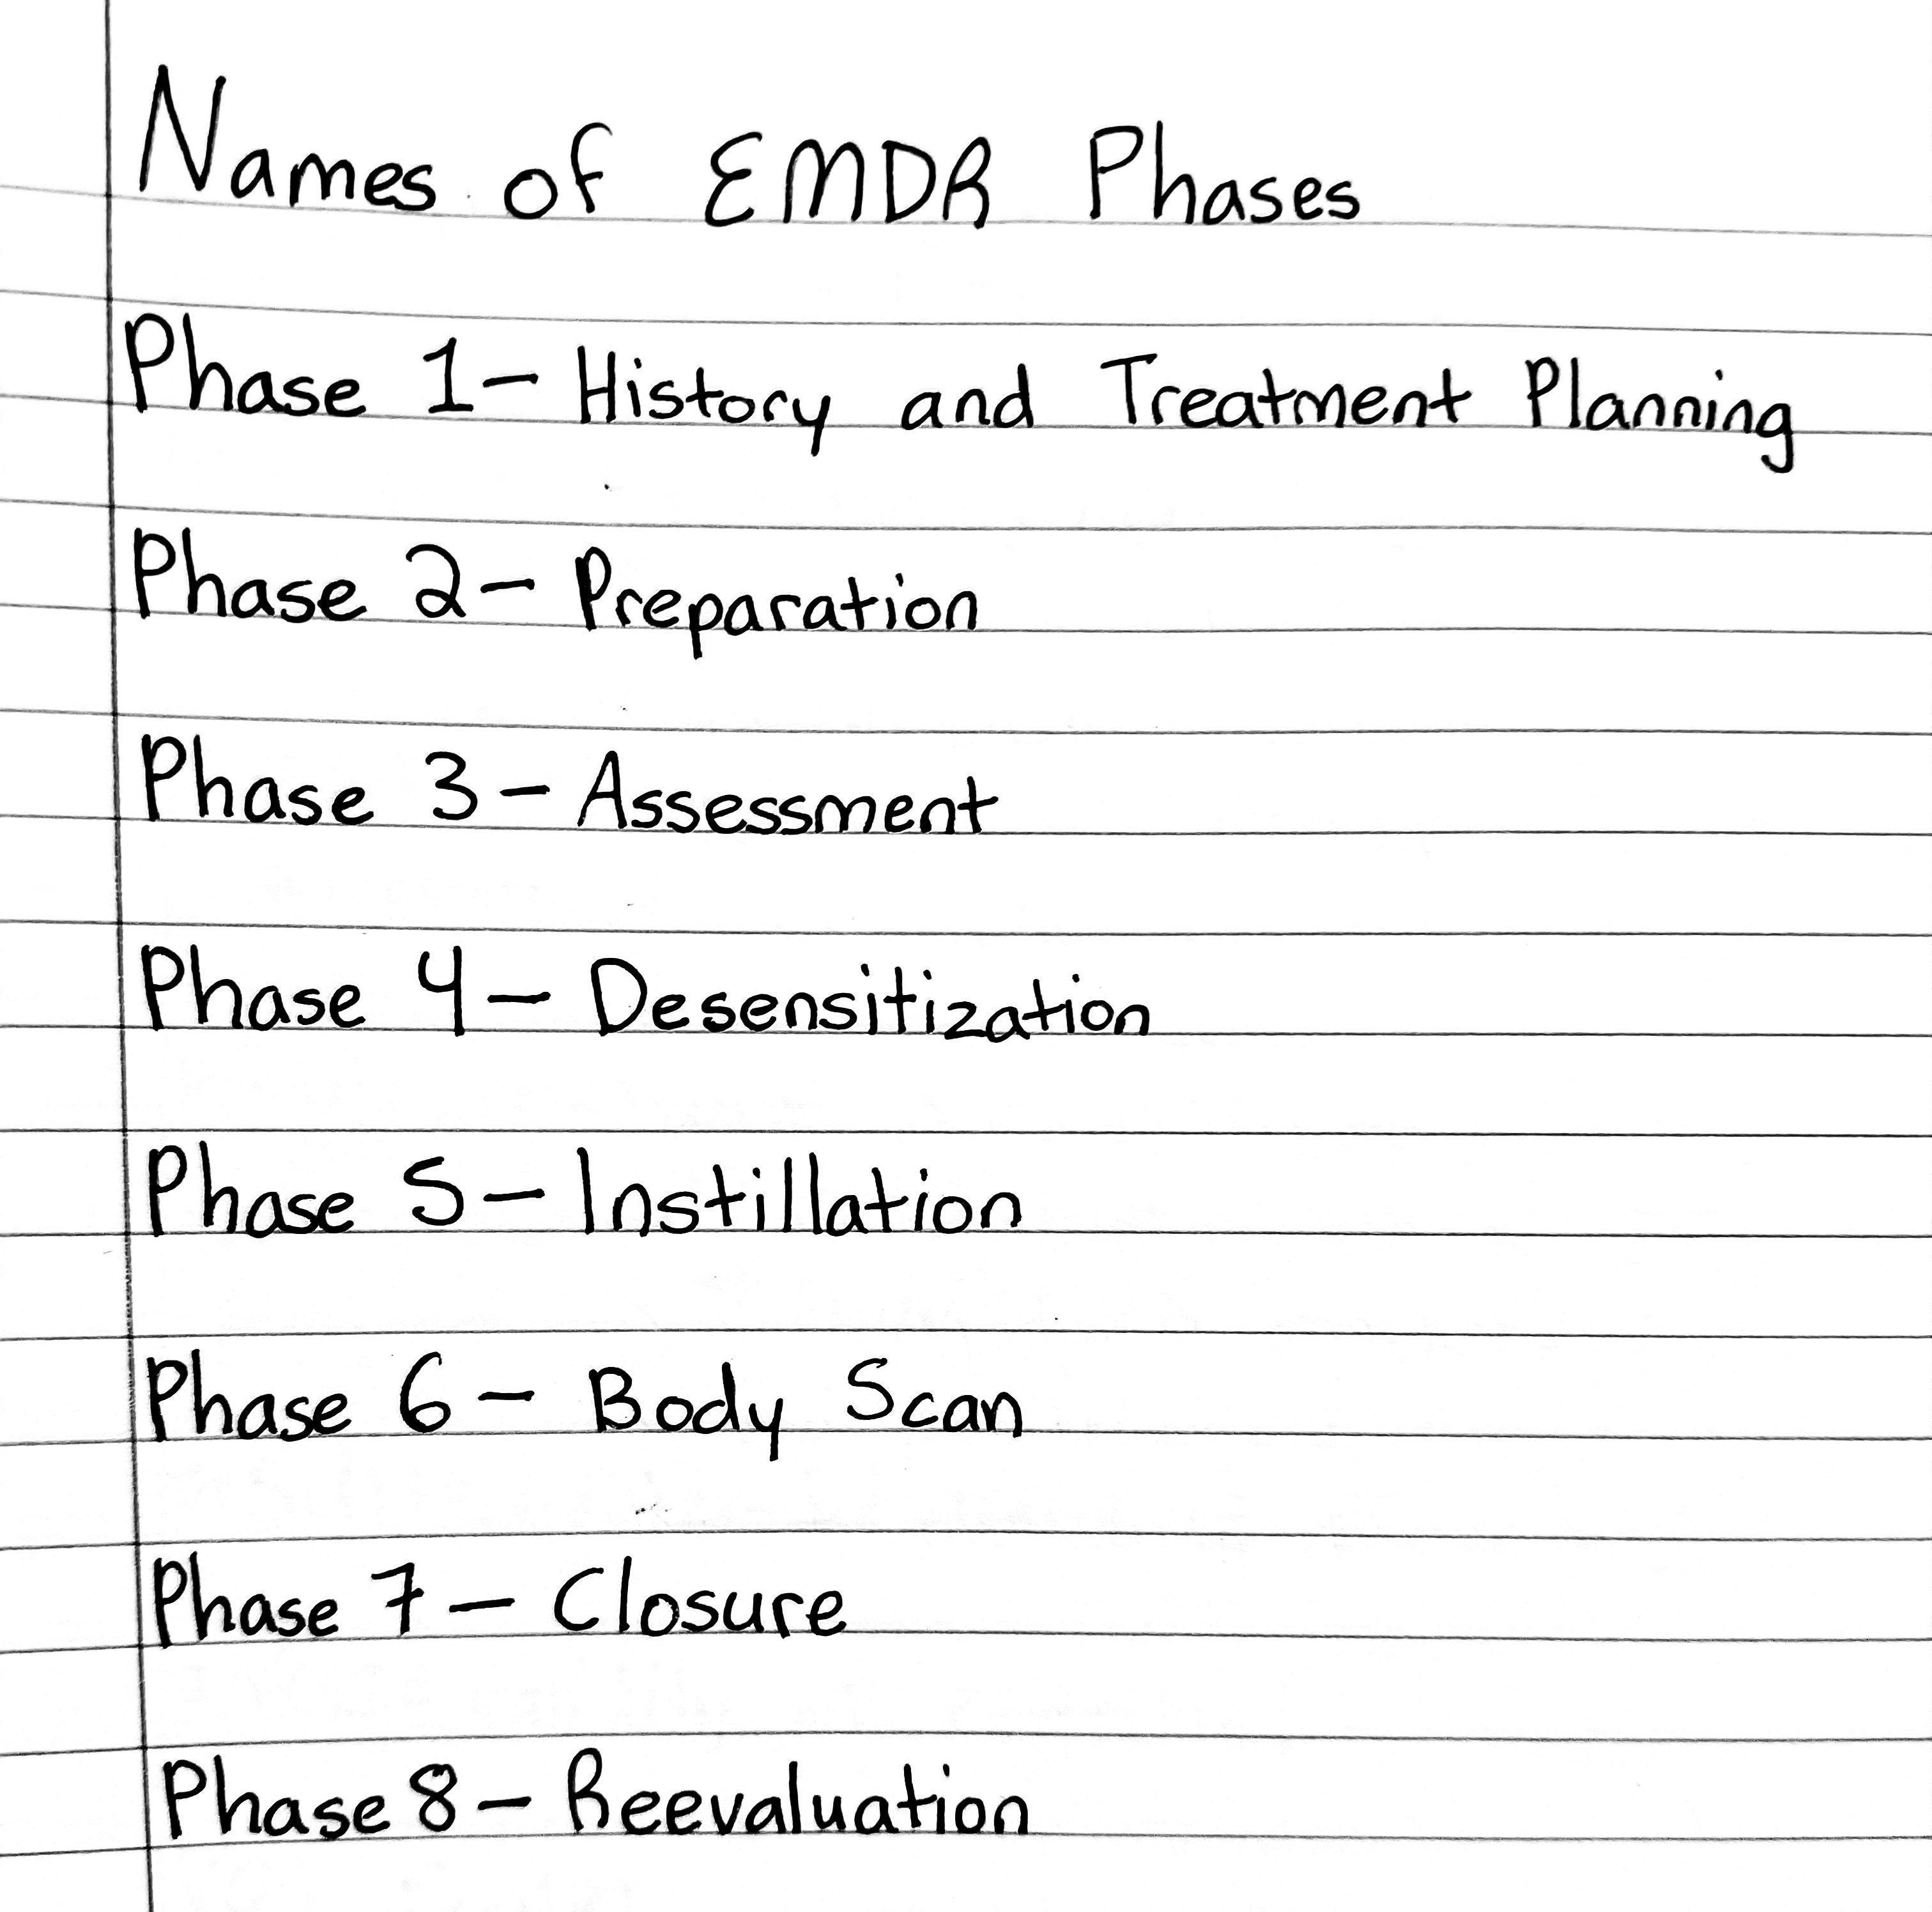 Desensitizing preparations: list and description